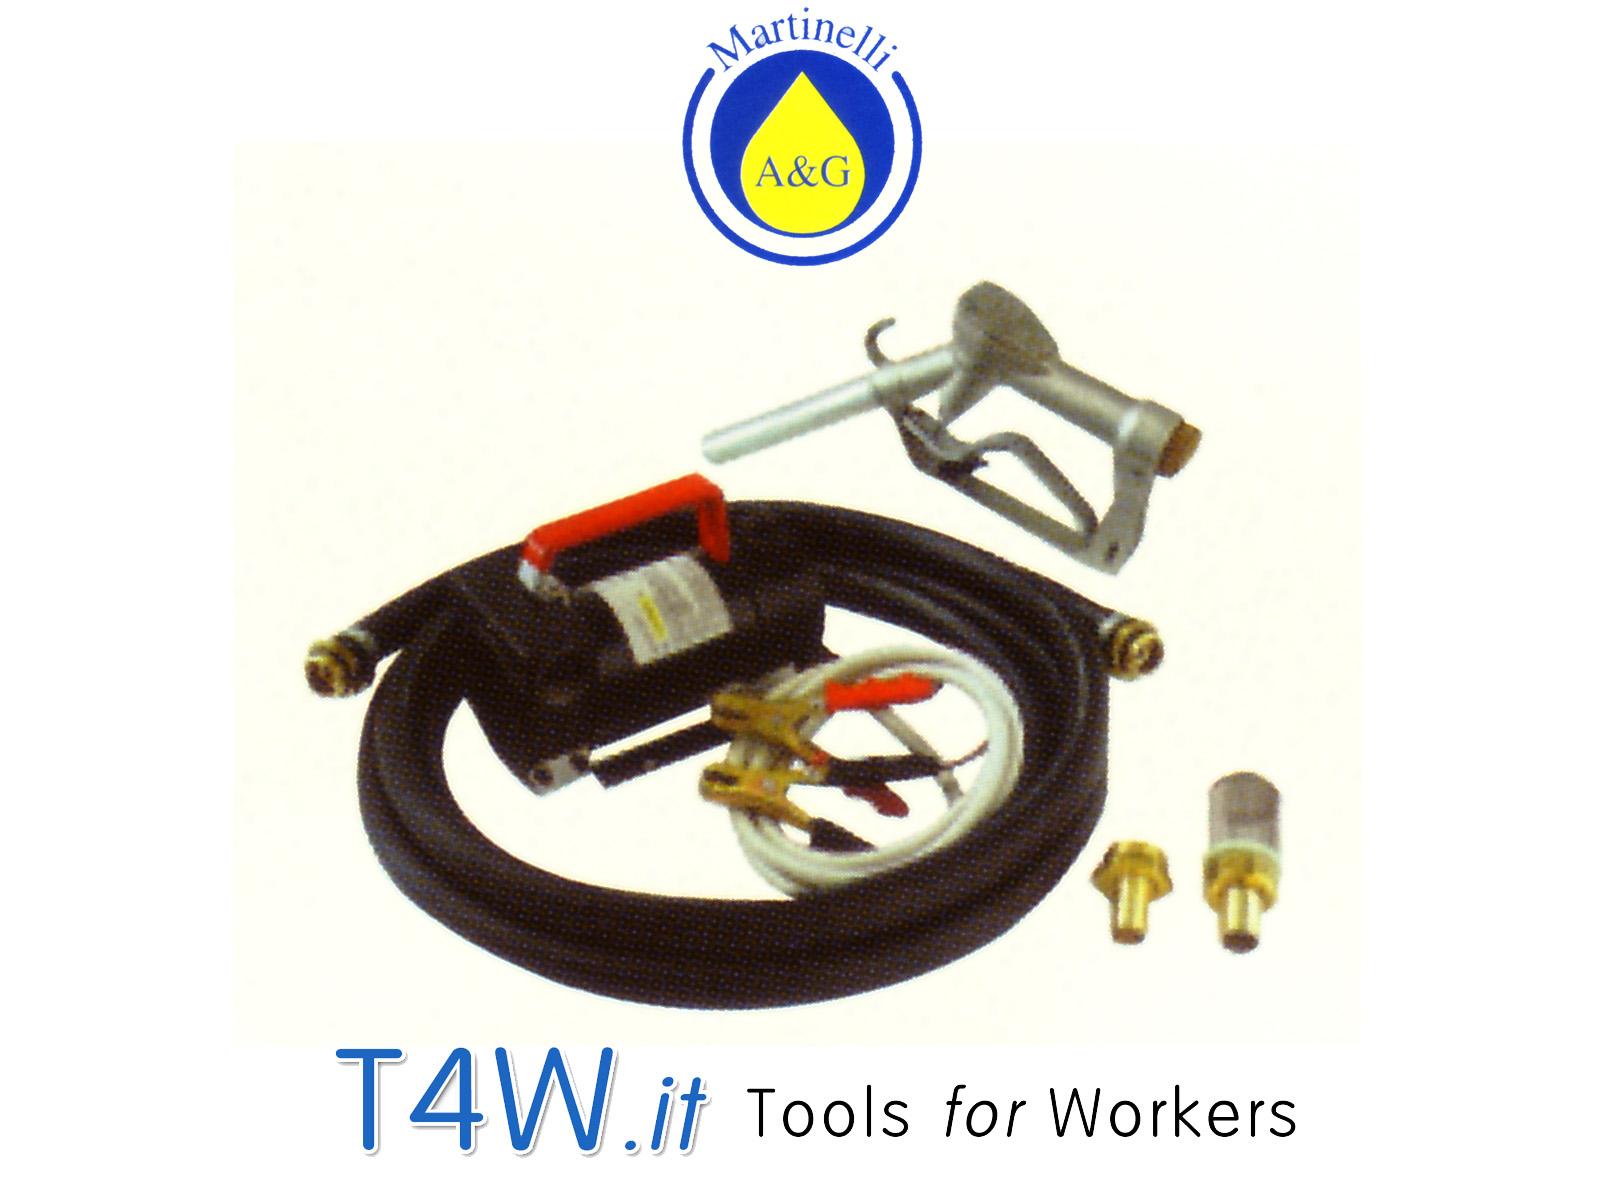 Kit pompa elettrica per gasolio 12 - 24 V Art. 2703 Martinelli -